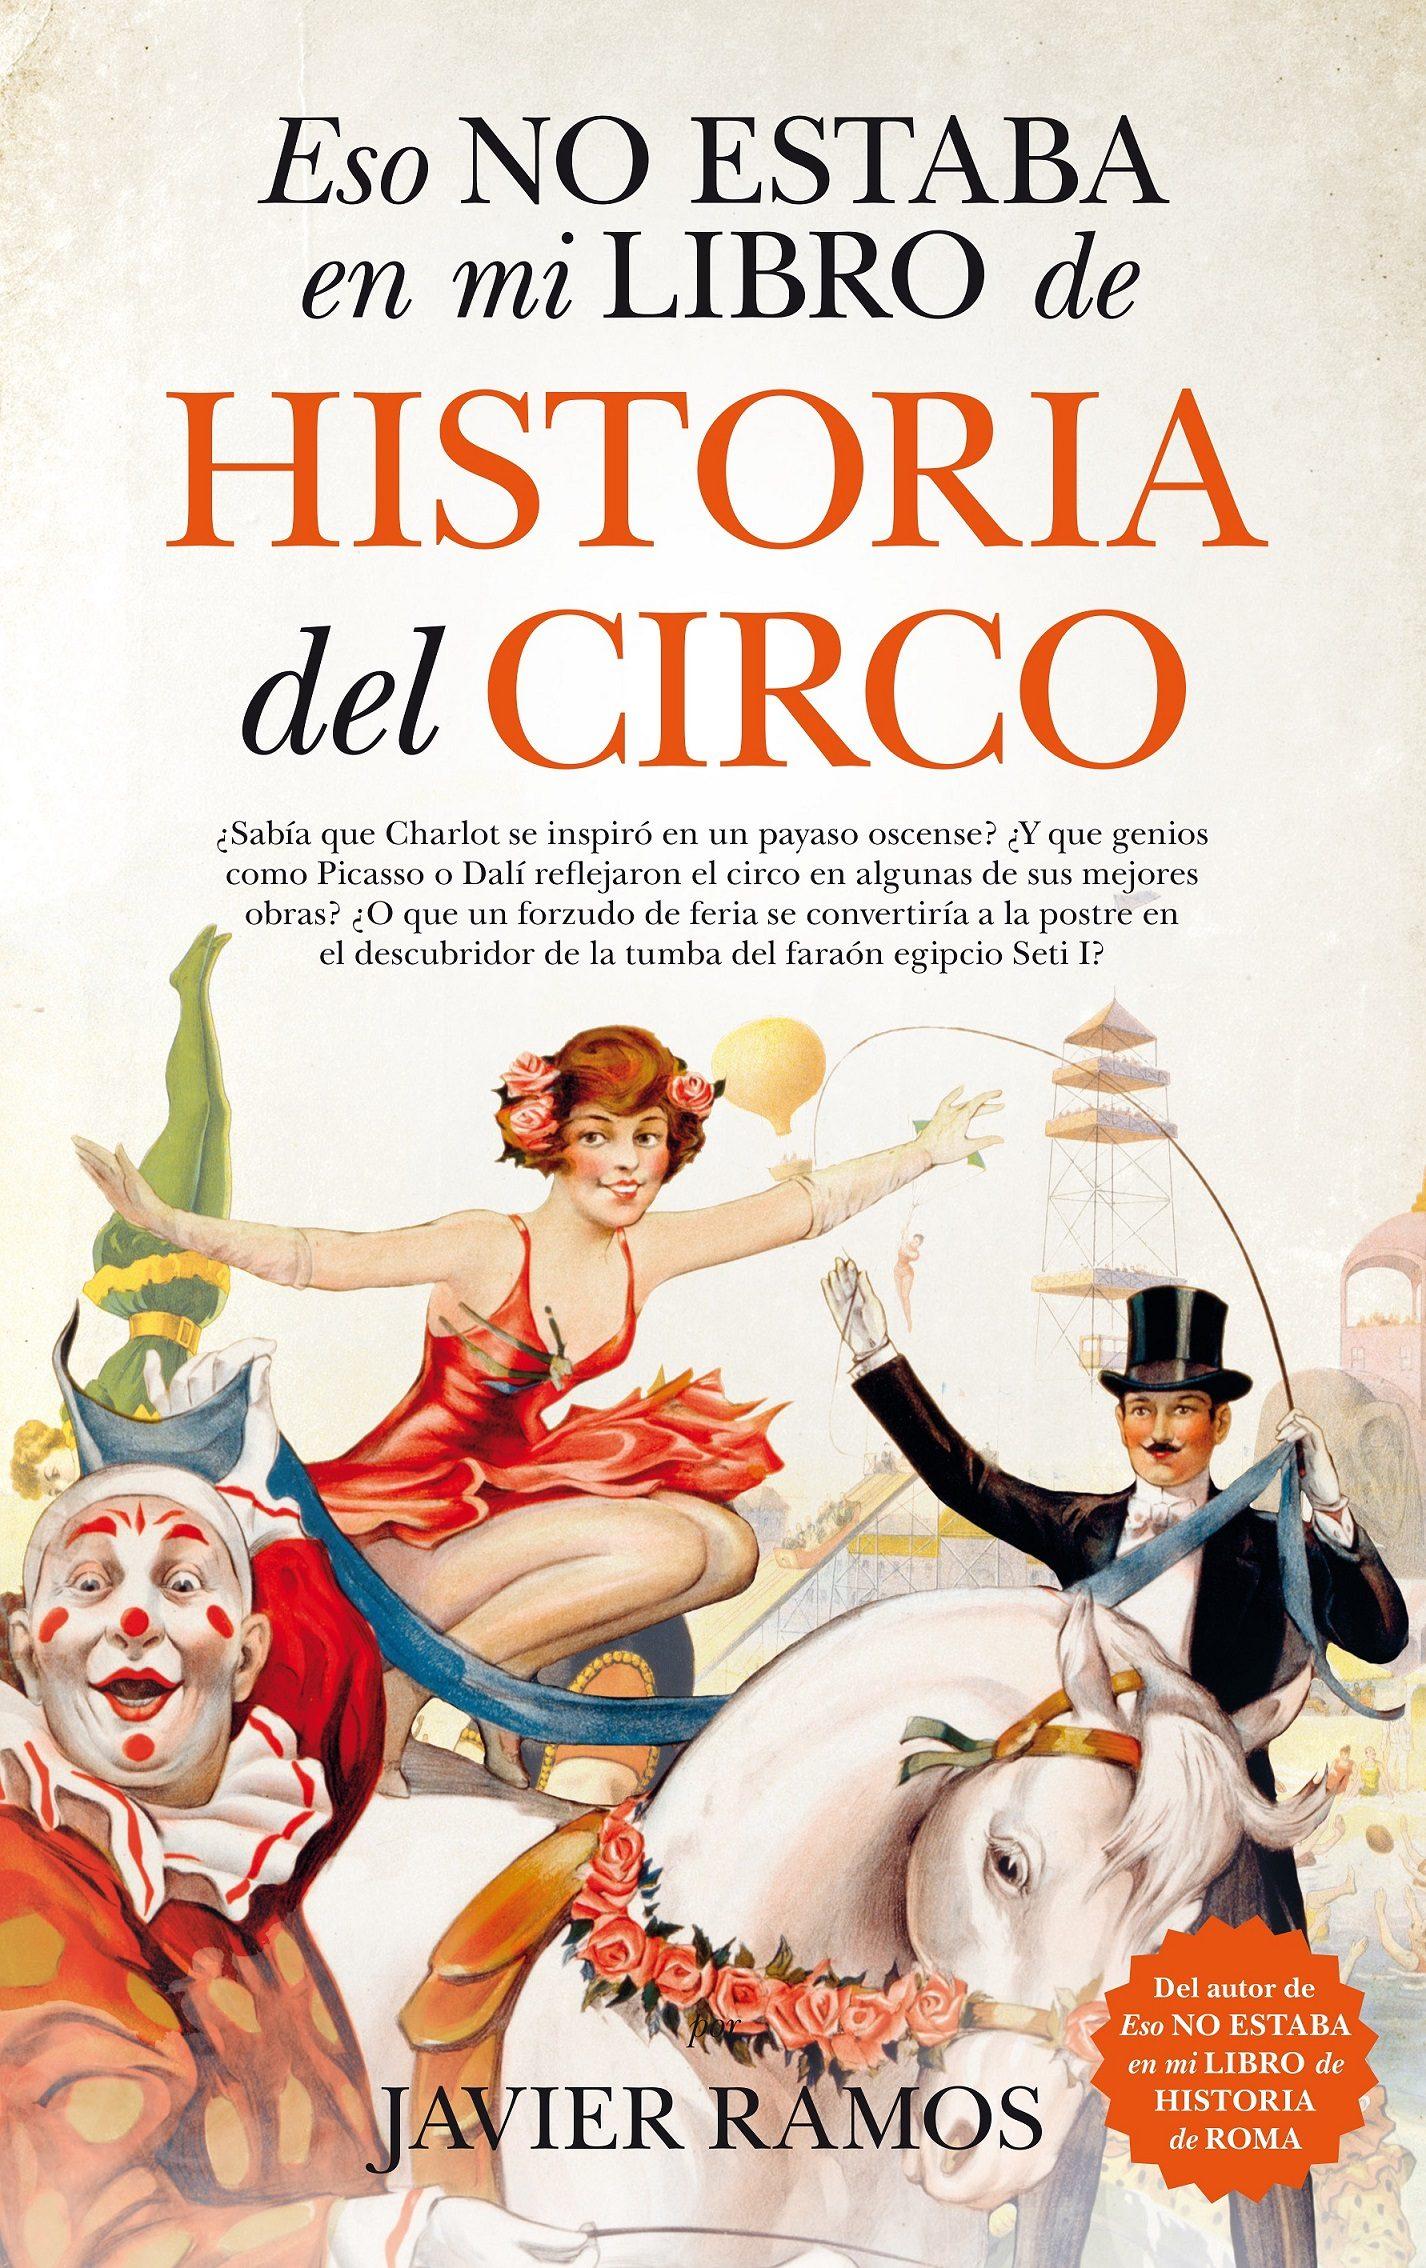 ESO NO ESTABA EN MI LIBRO DE HISTORIA DEL CIRCO - RAMOS, JAVIER - EDITORIAL ALMUZARA SL.